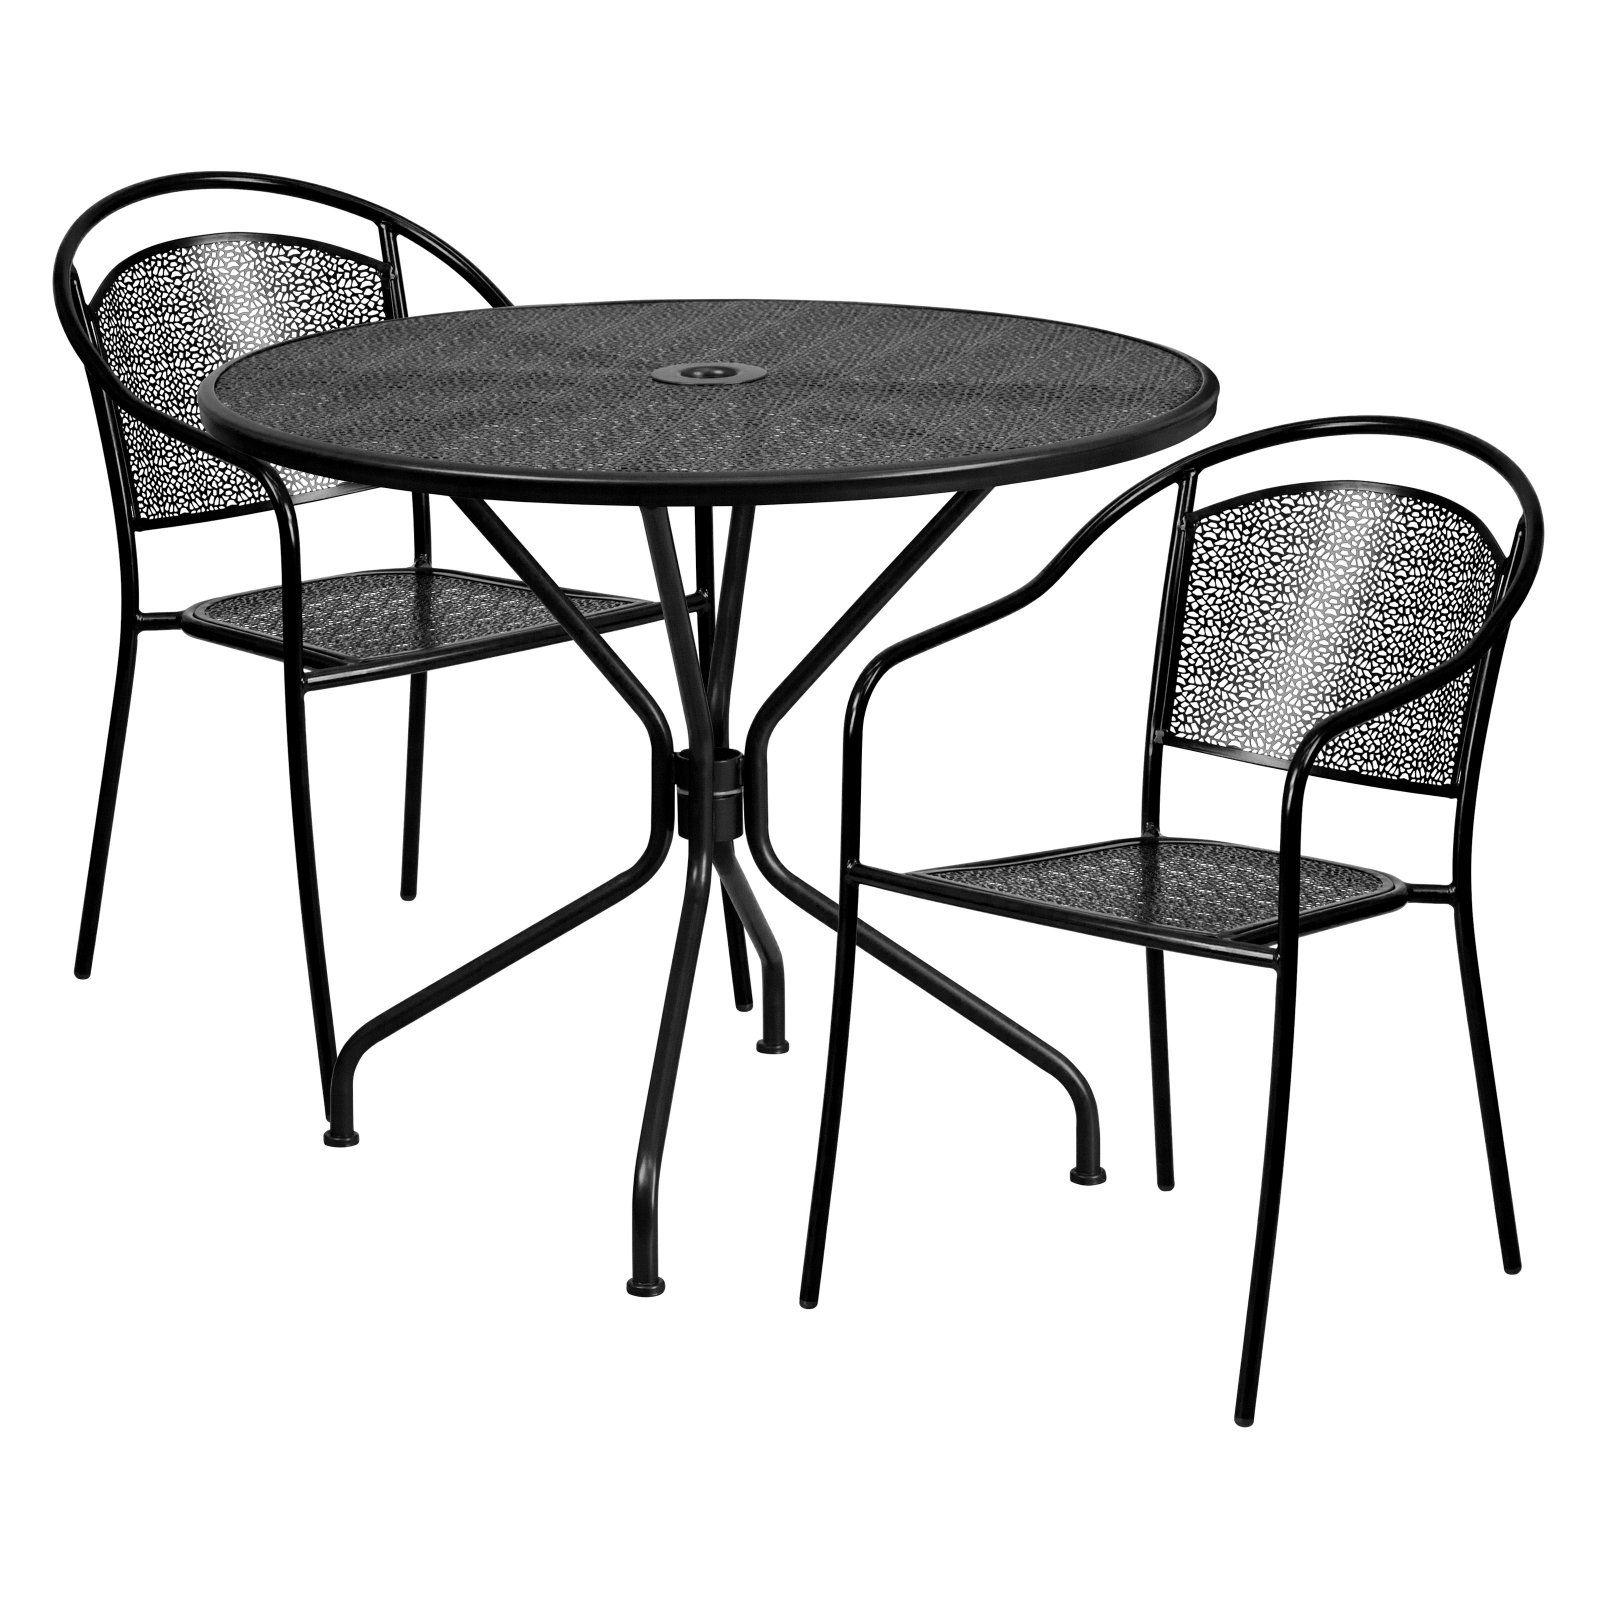 Flash Furniture Indoor Outdoor Steel 3 Piece Patio Dining Set